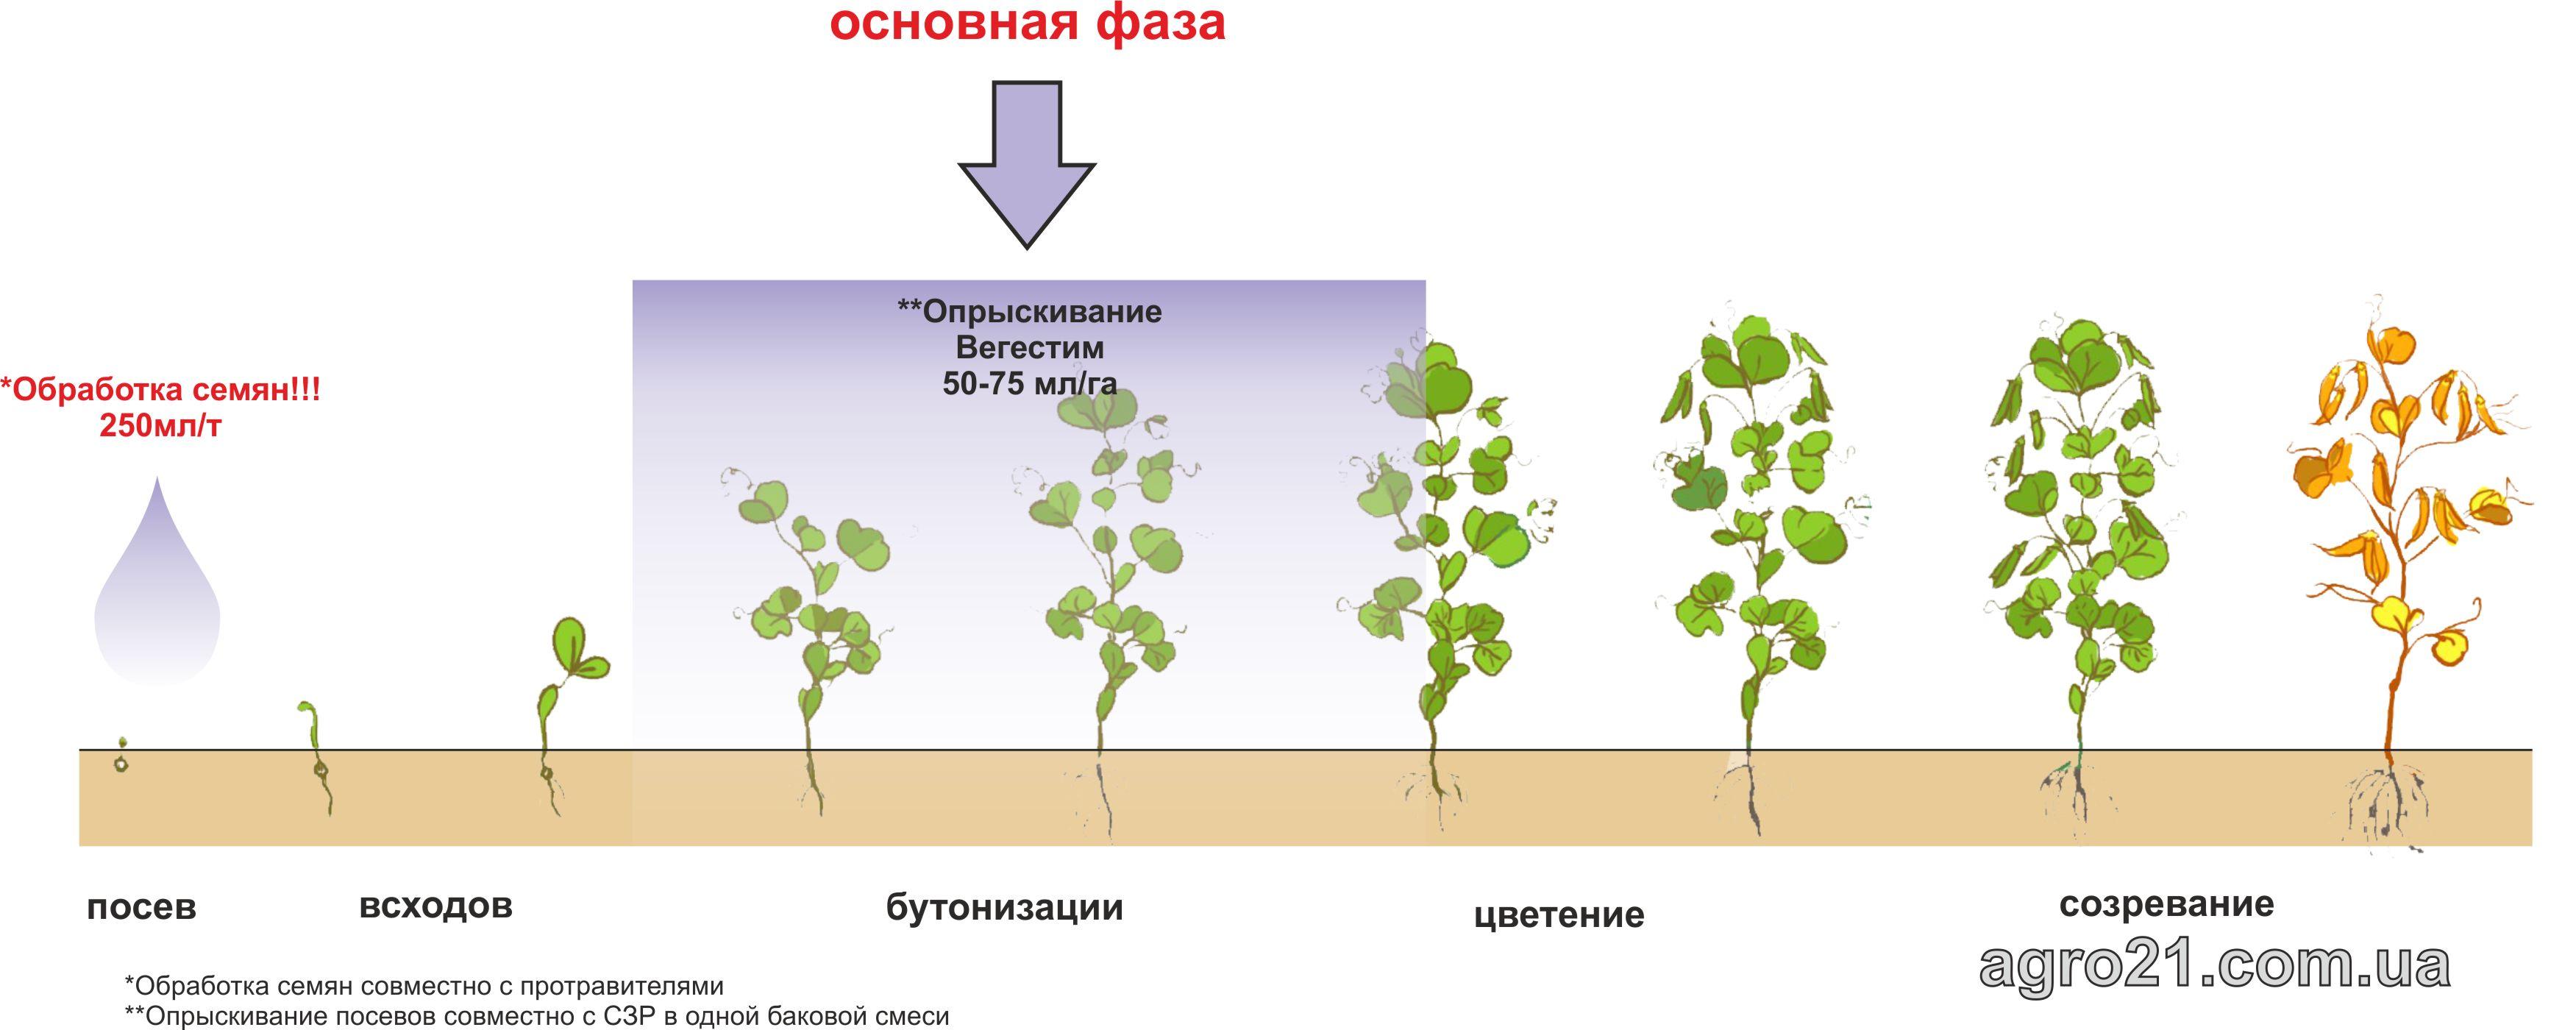 Вегестим. Схема застосування стимулятору росту рослин на посівах гороху